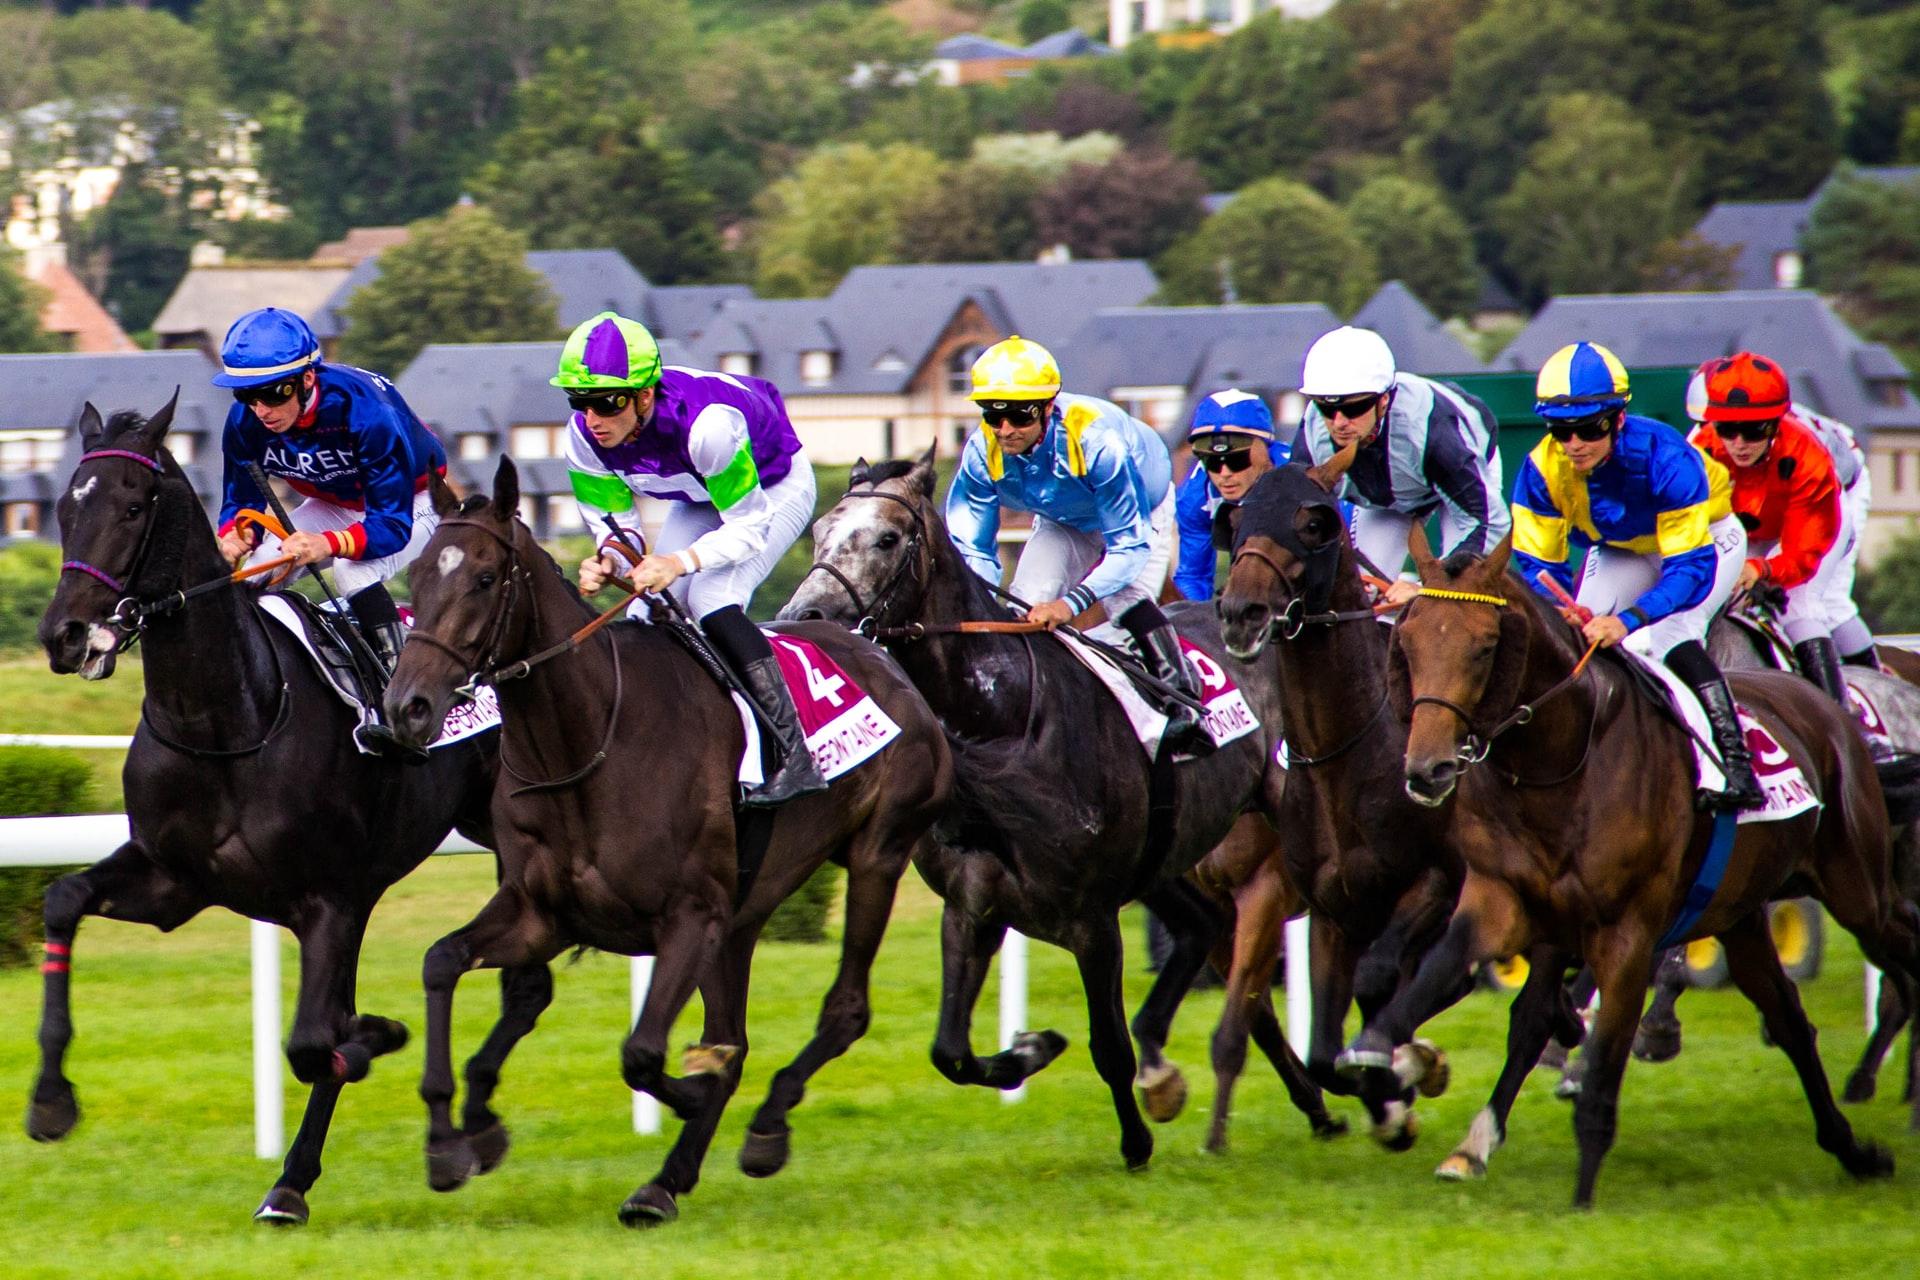 Jockeys auf Rennpferden Pferderennen